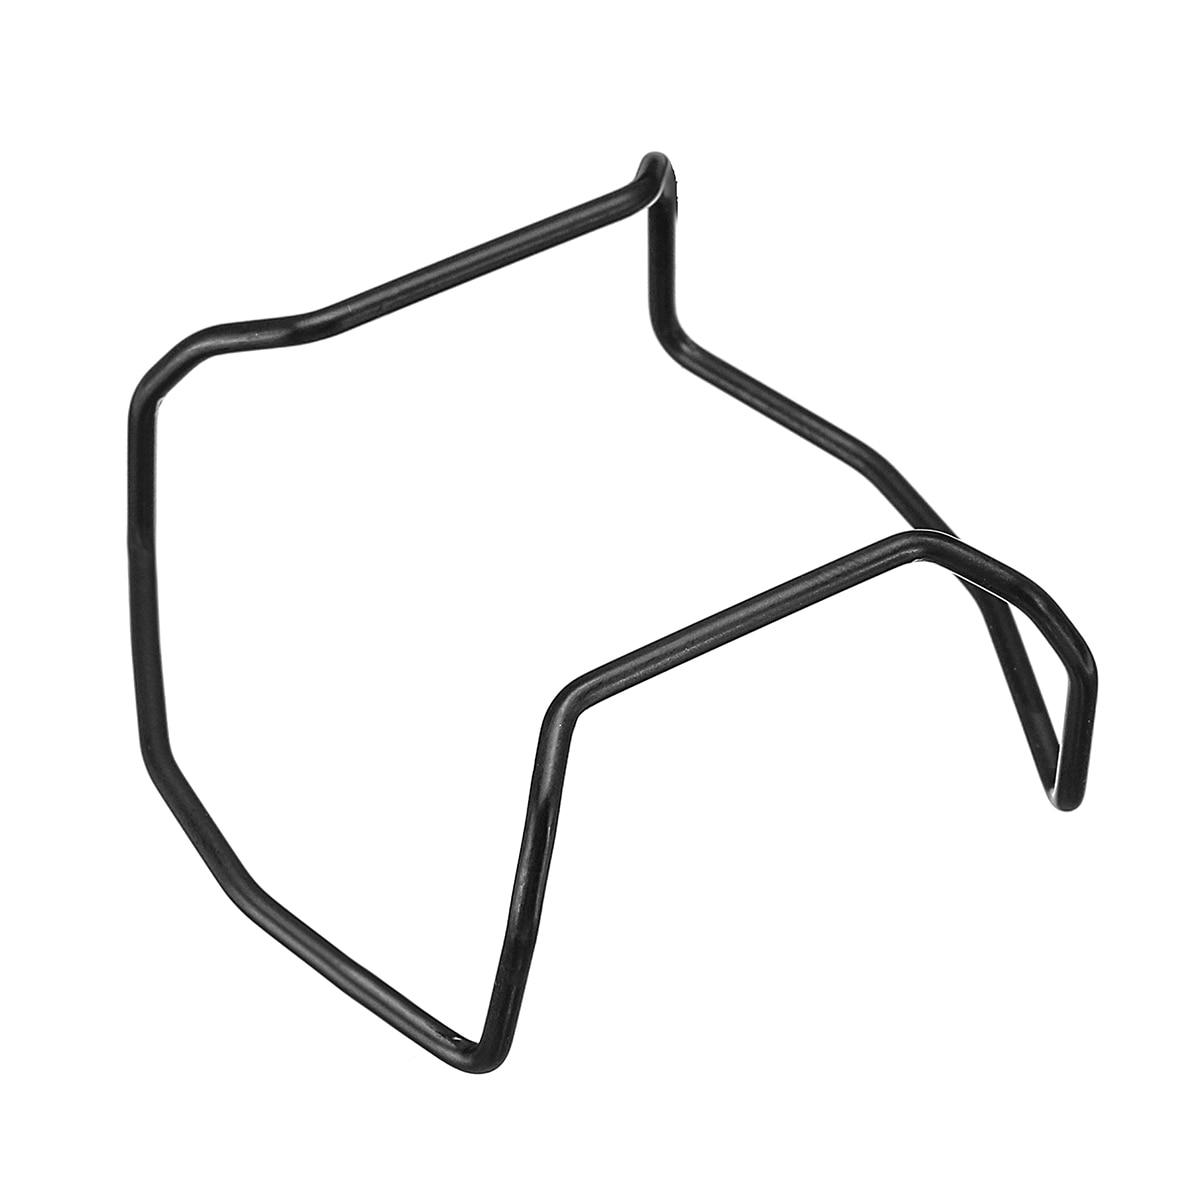 1 Stück Matte Schwarz Uhr Stoßstange Fall Protector Draht Guards Für G-schock Gx56 Gx-56 Gxw-56 Neue Uhr Schutz Stoßstange Zubehör Farben Sind AuffäLlig